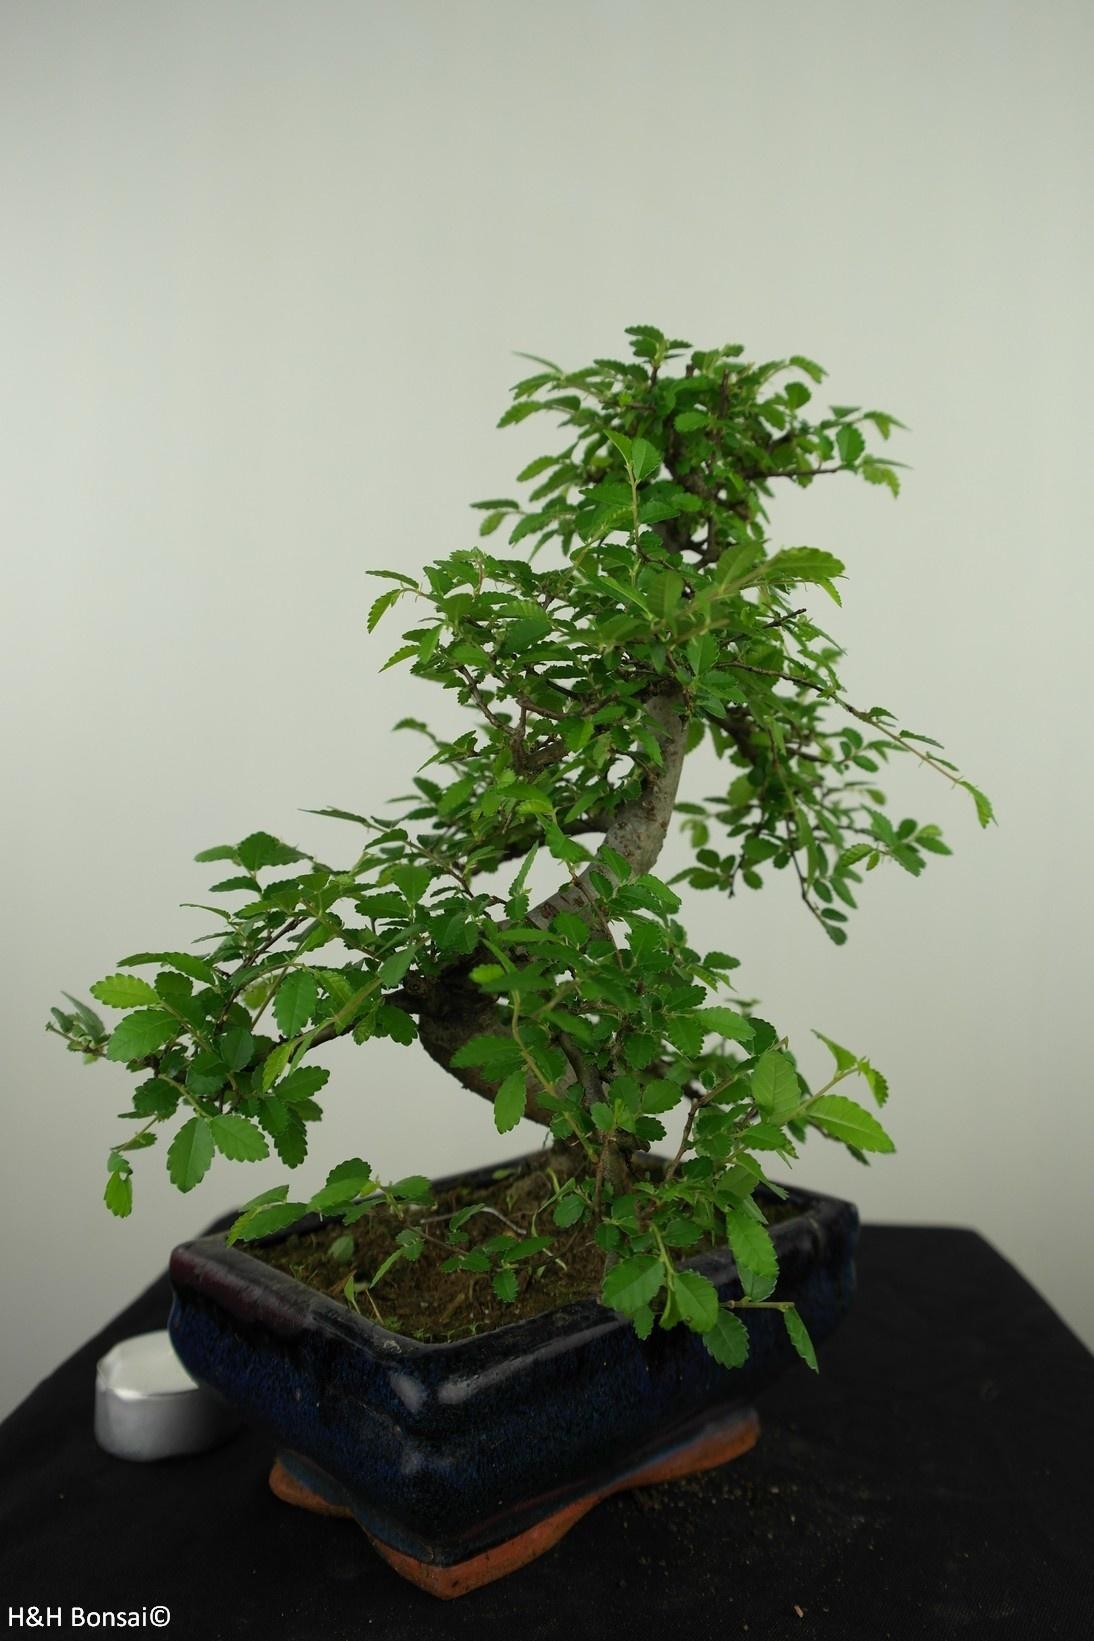 Bonsai Chin. Ulme, Ulmus, nr. 7624